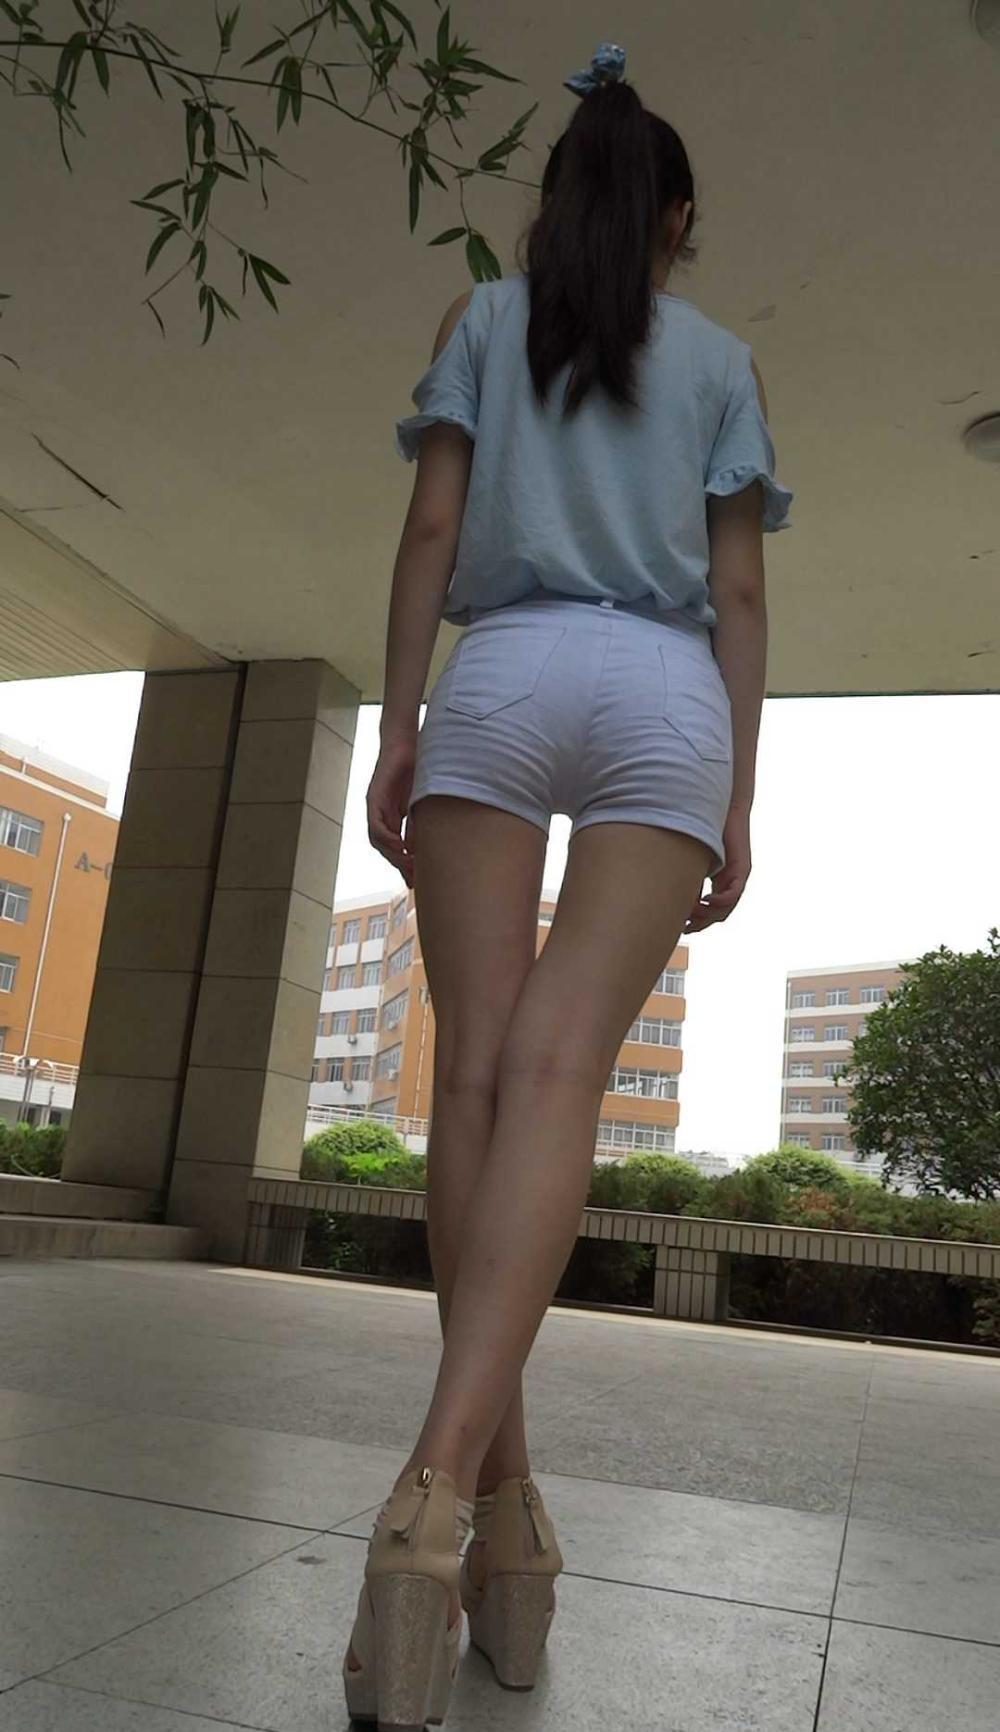 穿紧腿裤图片_19.4.6白色紧身裤美女腿型很好看, 但中间缝太大 - 美女MM - 街拍第 ...